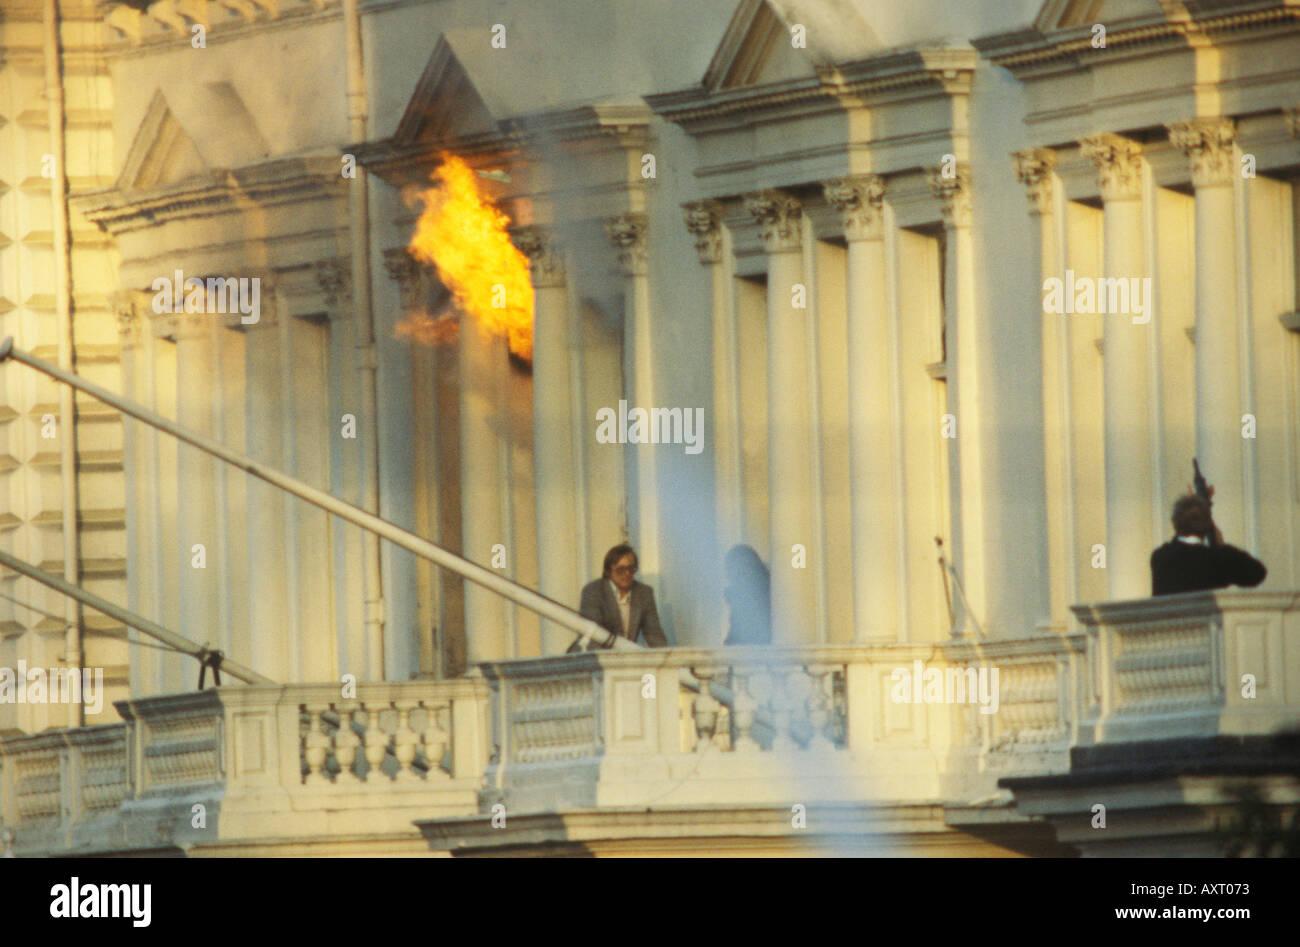 Iranische Botschaft-Belagerung kann 5. 1980 London UK HOMER SYKES Stockfoto